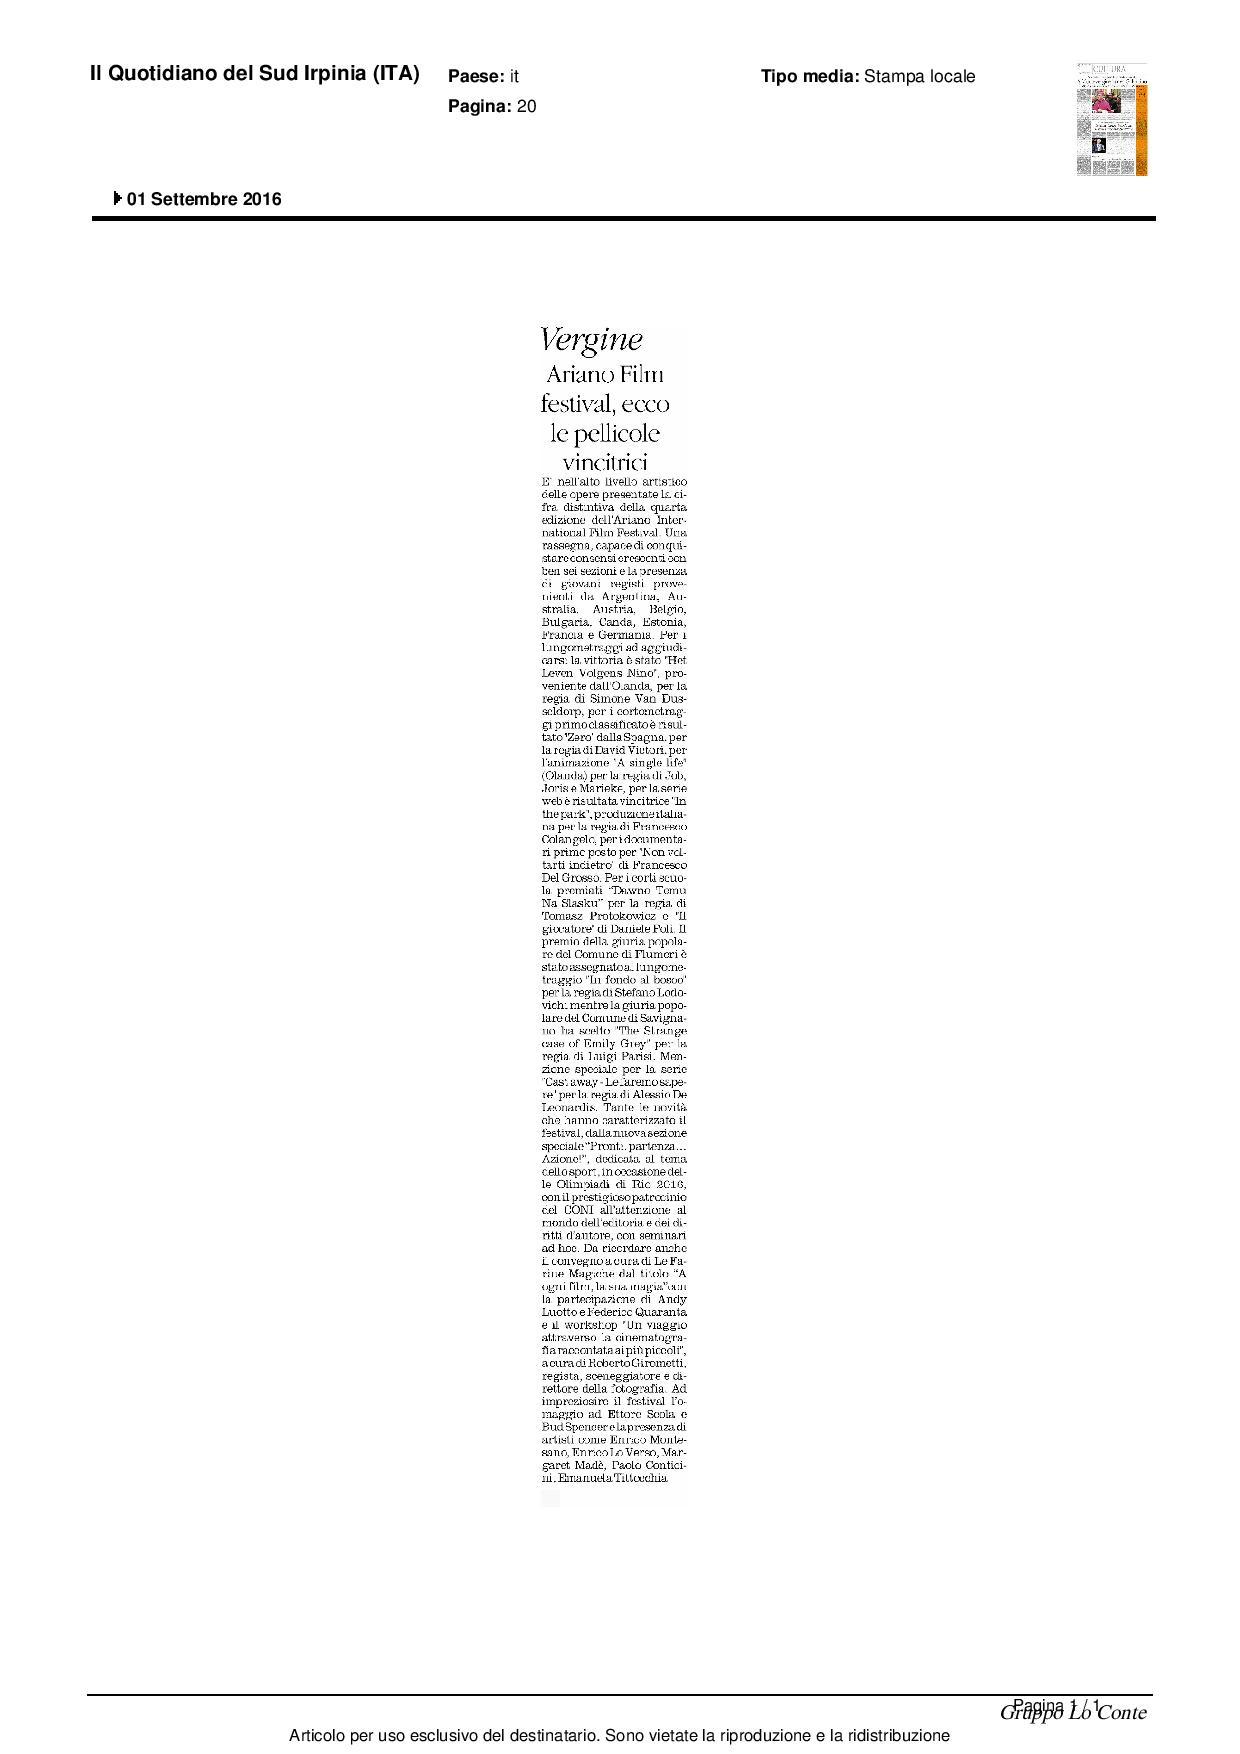 01.09.16_ilquotidianodelsudirpinia-page-001